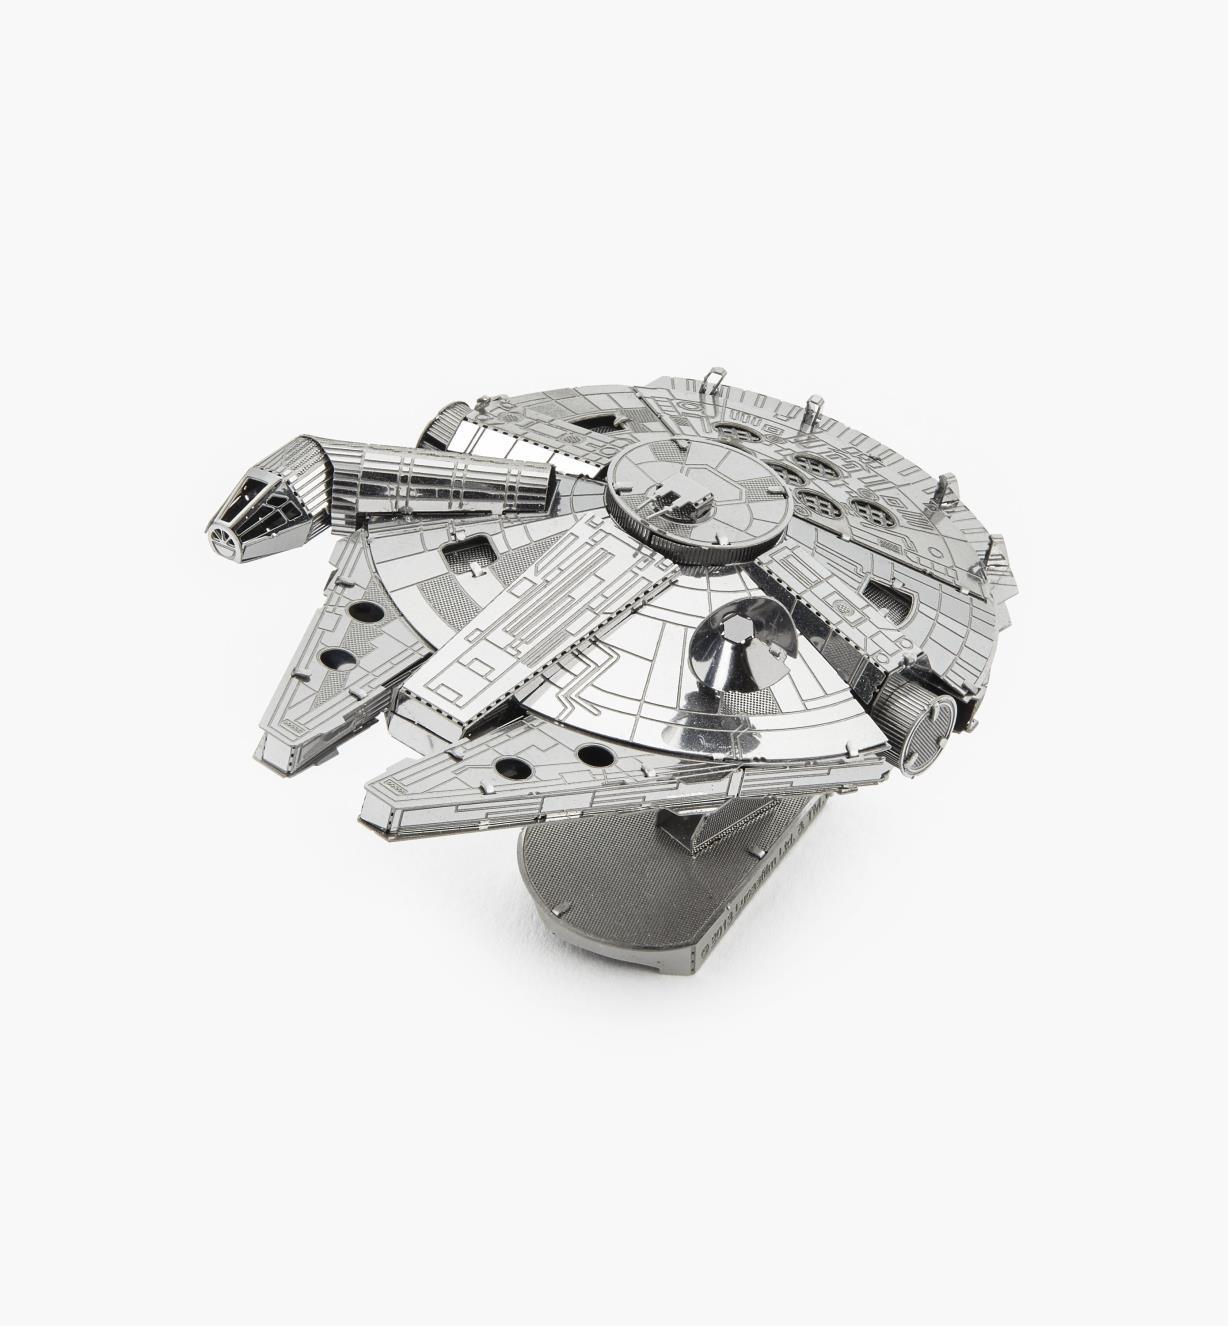 45K4050 - Star Wars: A New Hope Metal Model Kits - Millennium Falcon